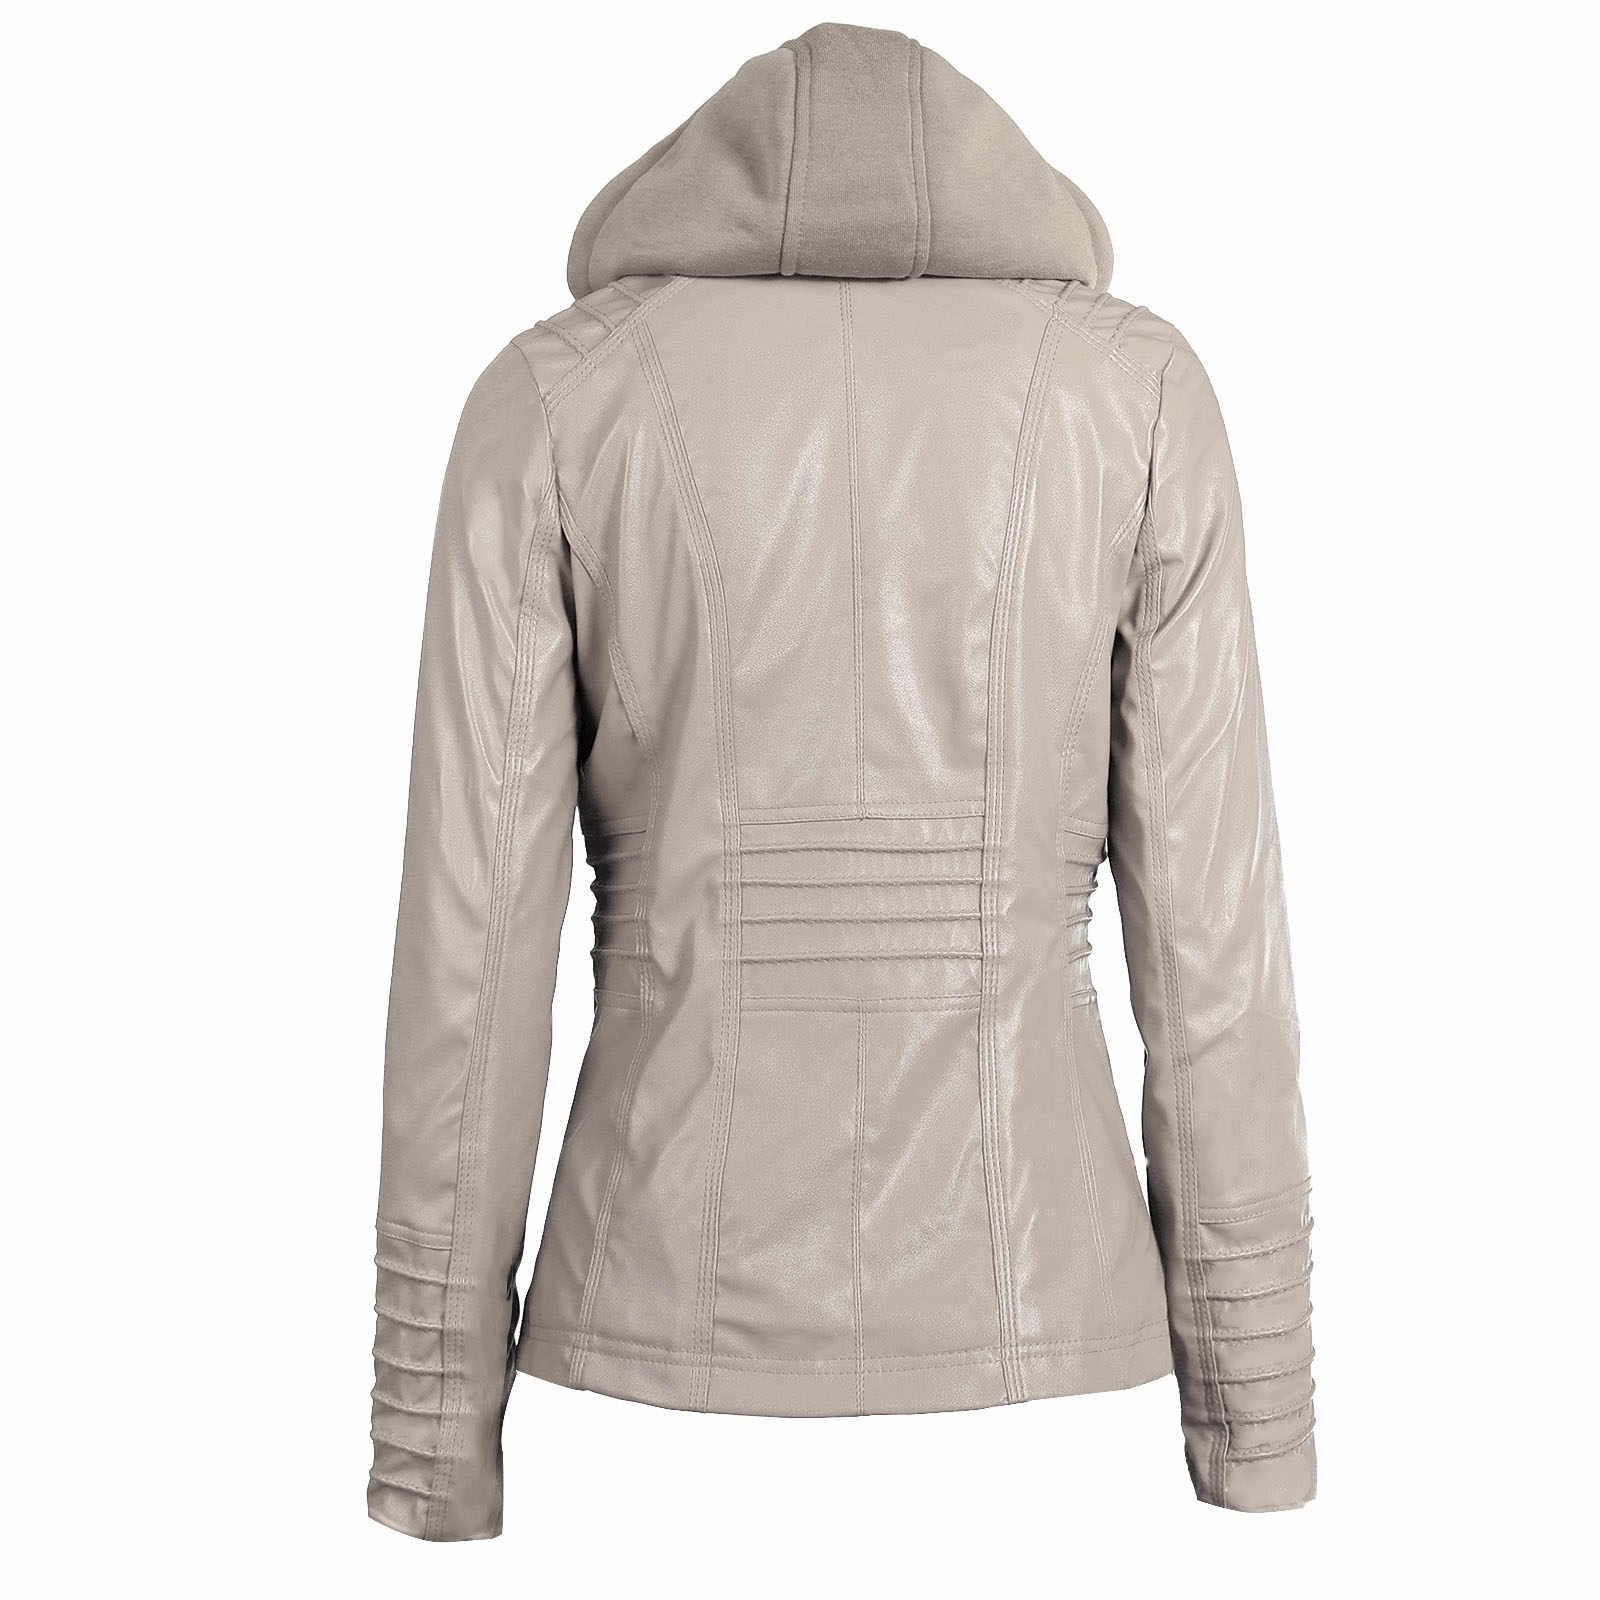 AVODOVAMA M 2018 冬のジャケットの女性カジュアルな基本的なコートプラスサイズ 7XL 女性のジャケット防水防風女性のコート